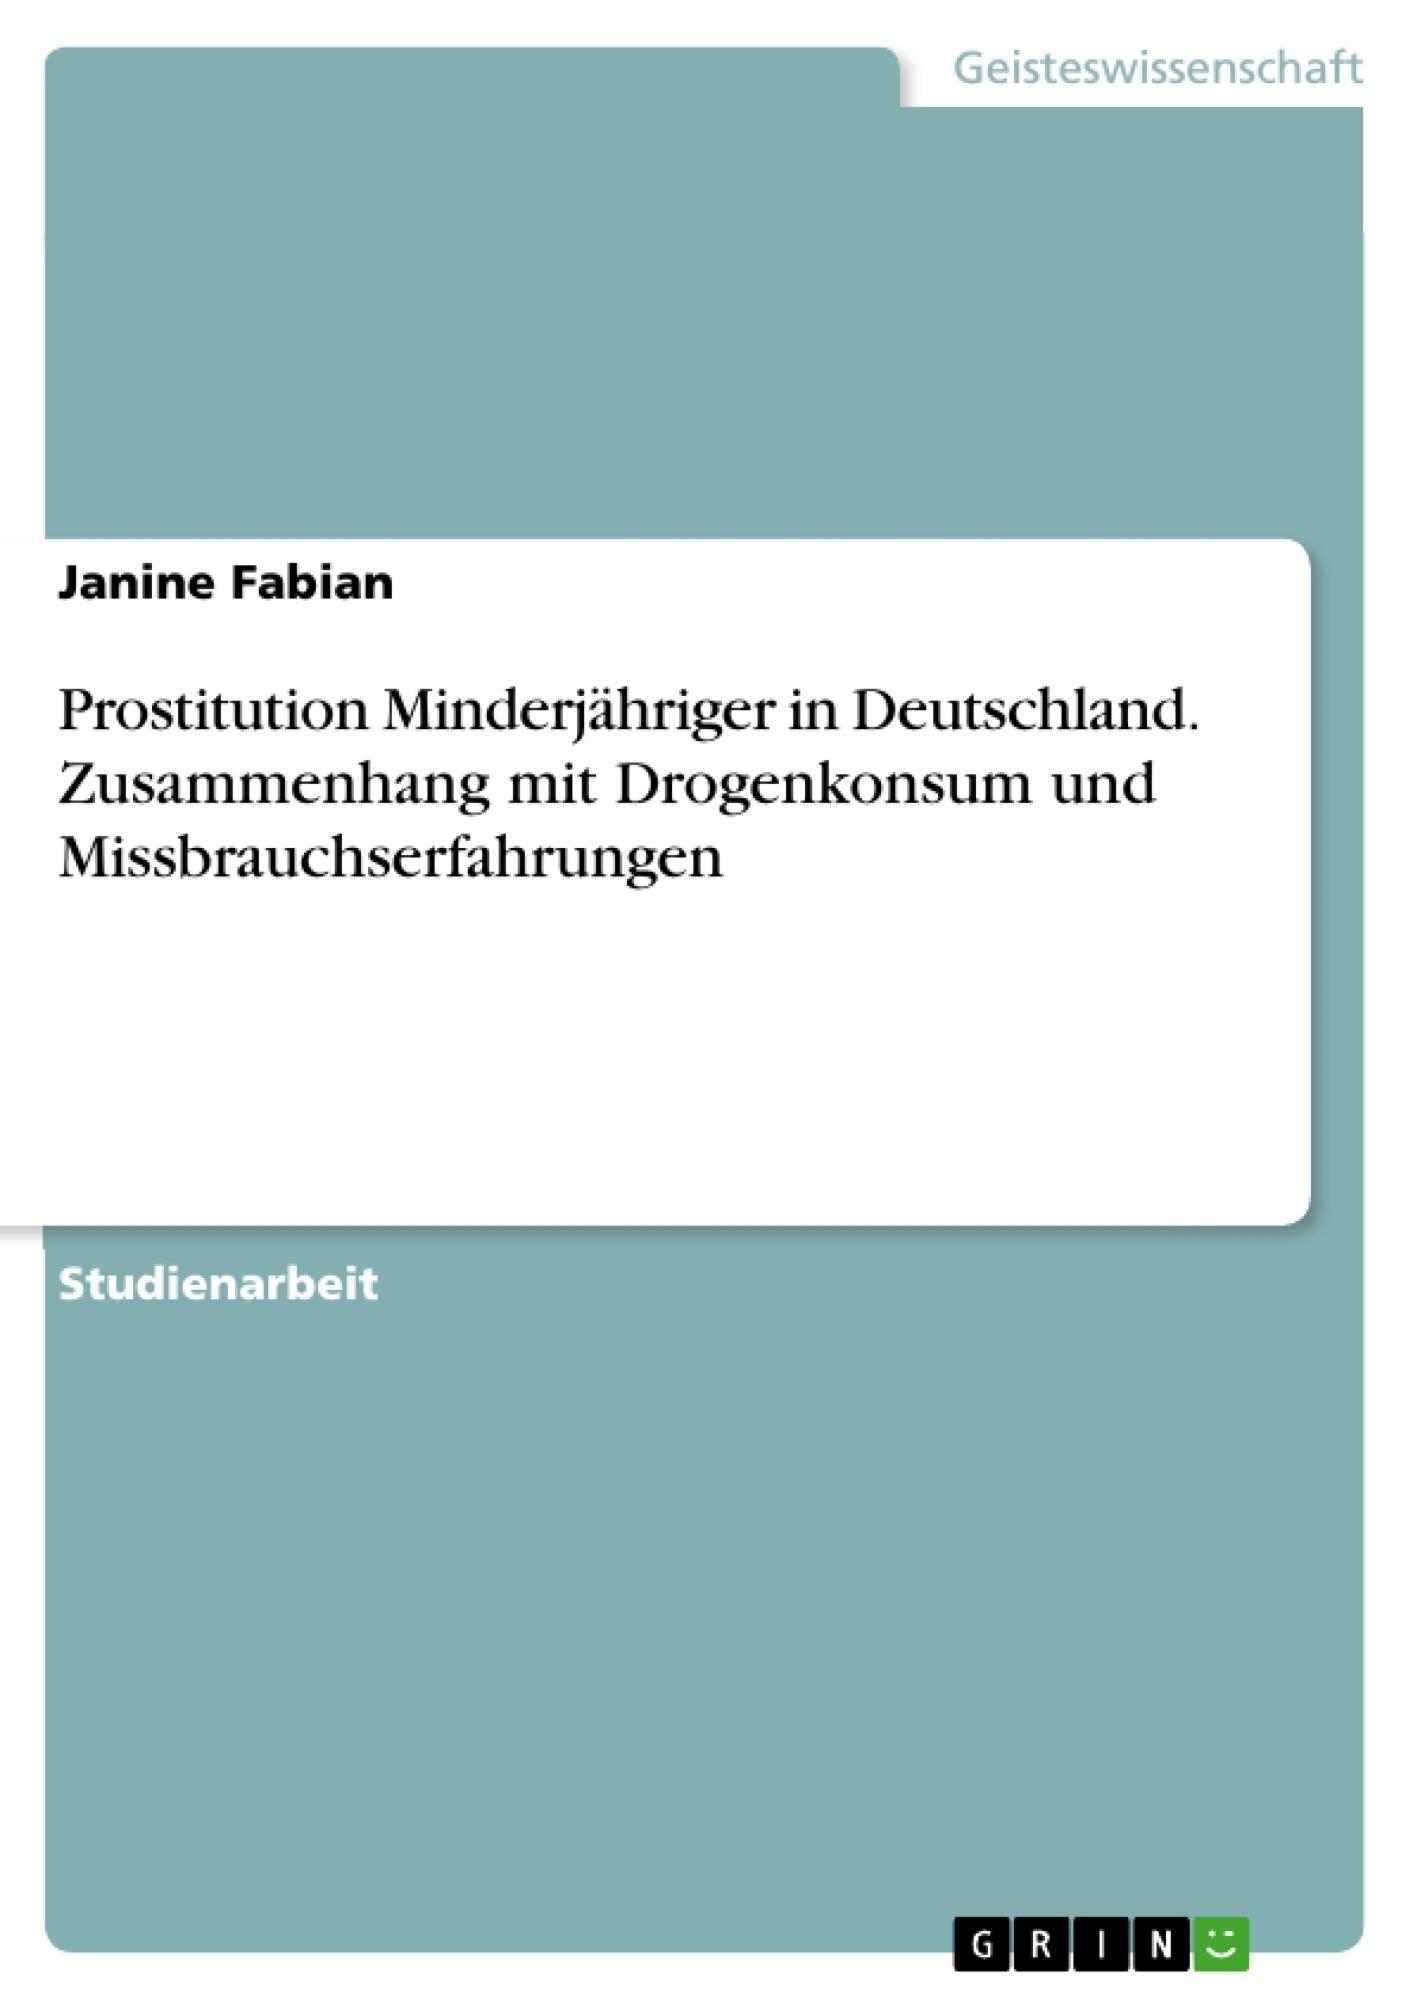 Titel: Prostitution Minderjähriger in Deutschland. Zusammenhang mit Drogenkonsum und Missbrauchserfahrungen